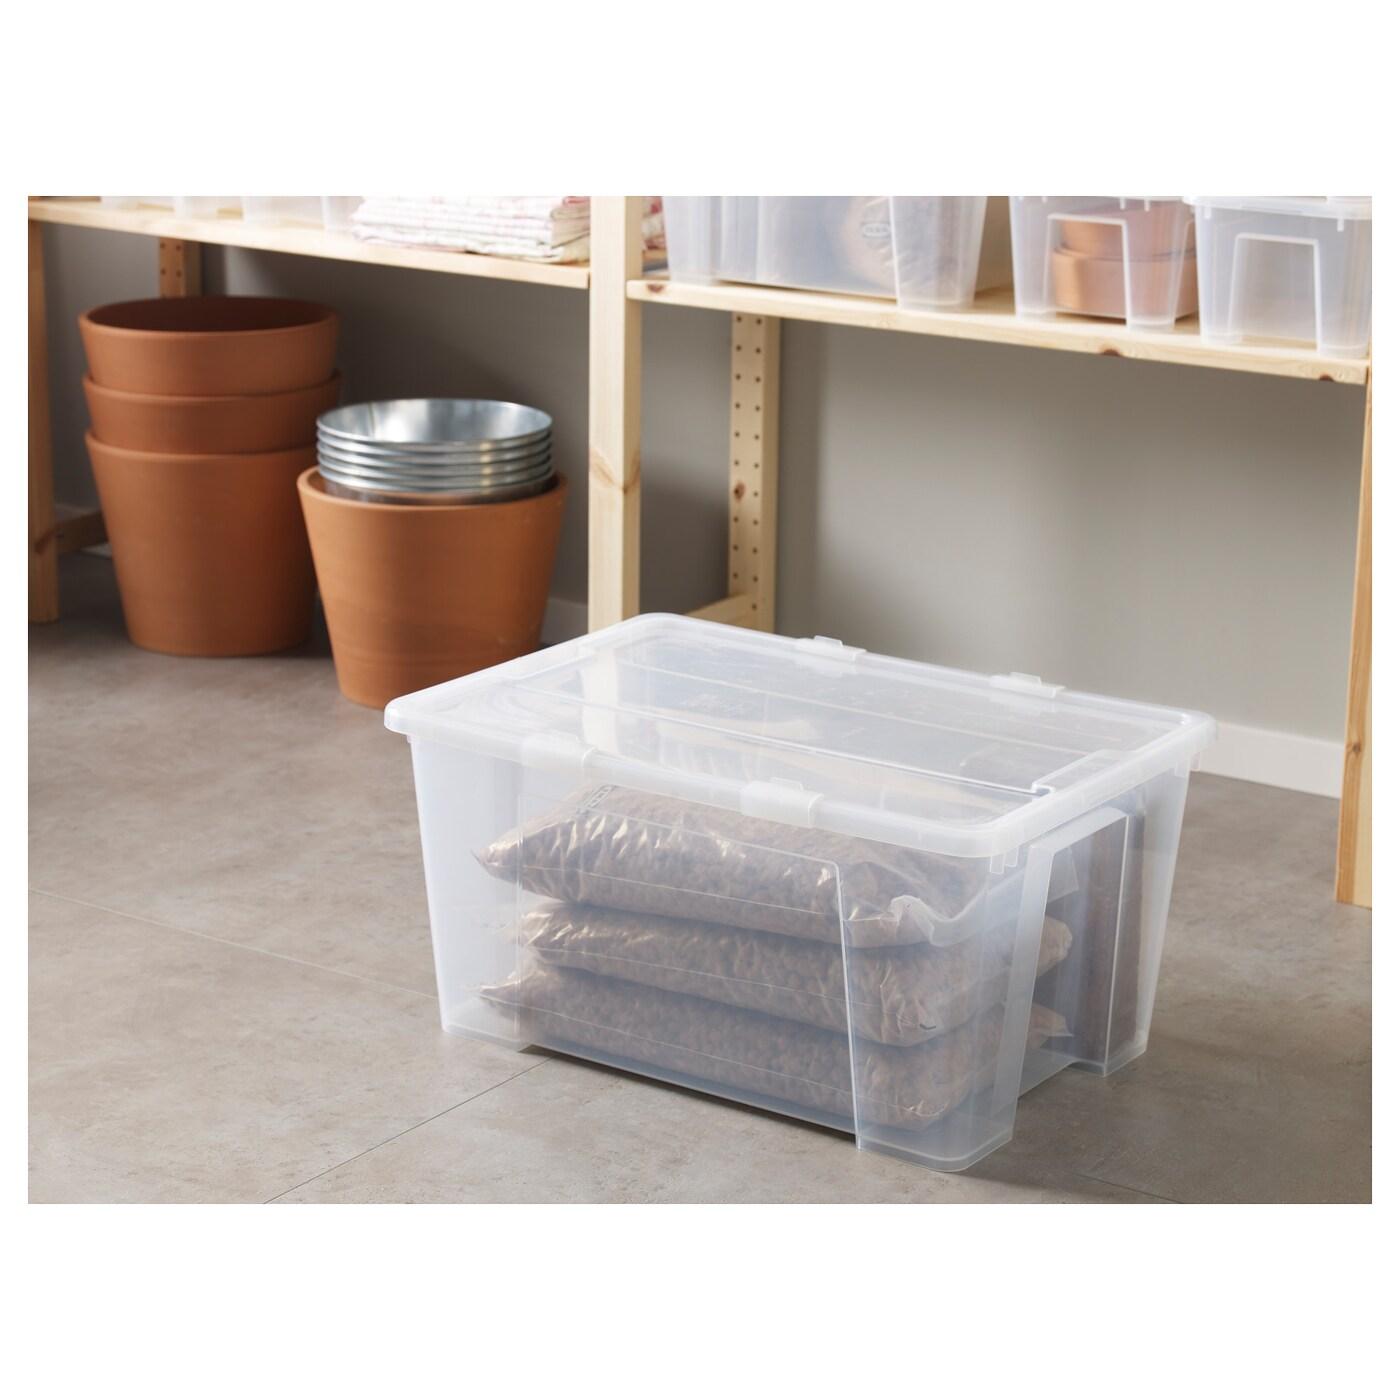 SAMLA صندوق بغطاء, شفاف, 57x39x28 سم/45 ل